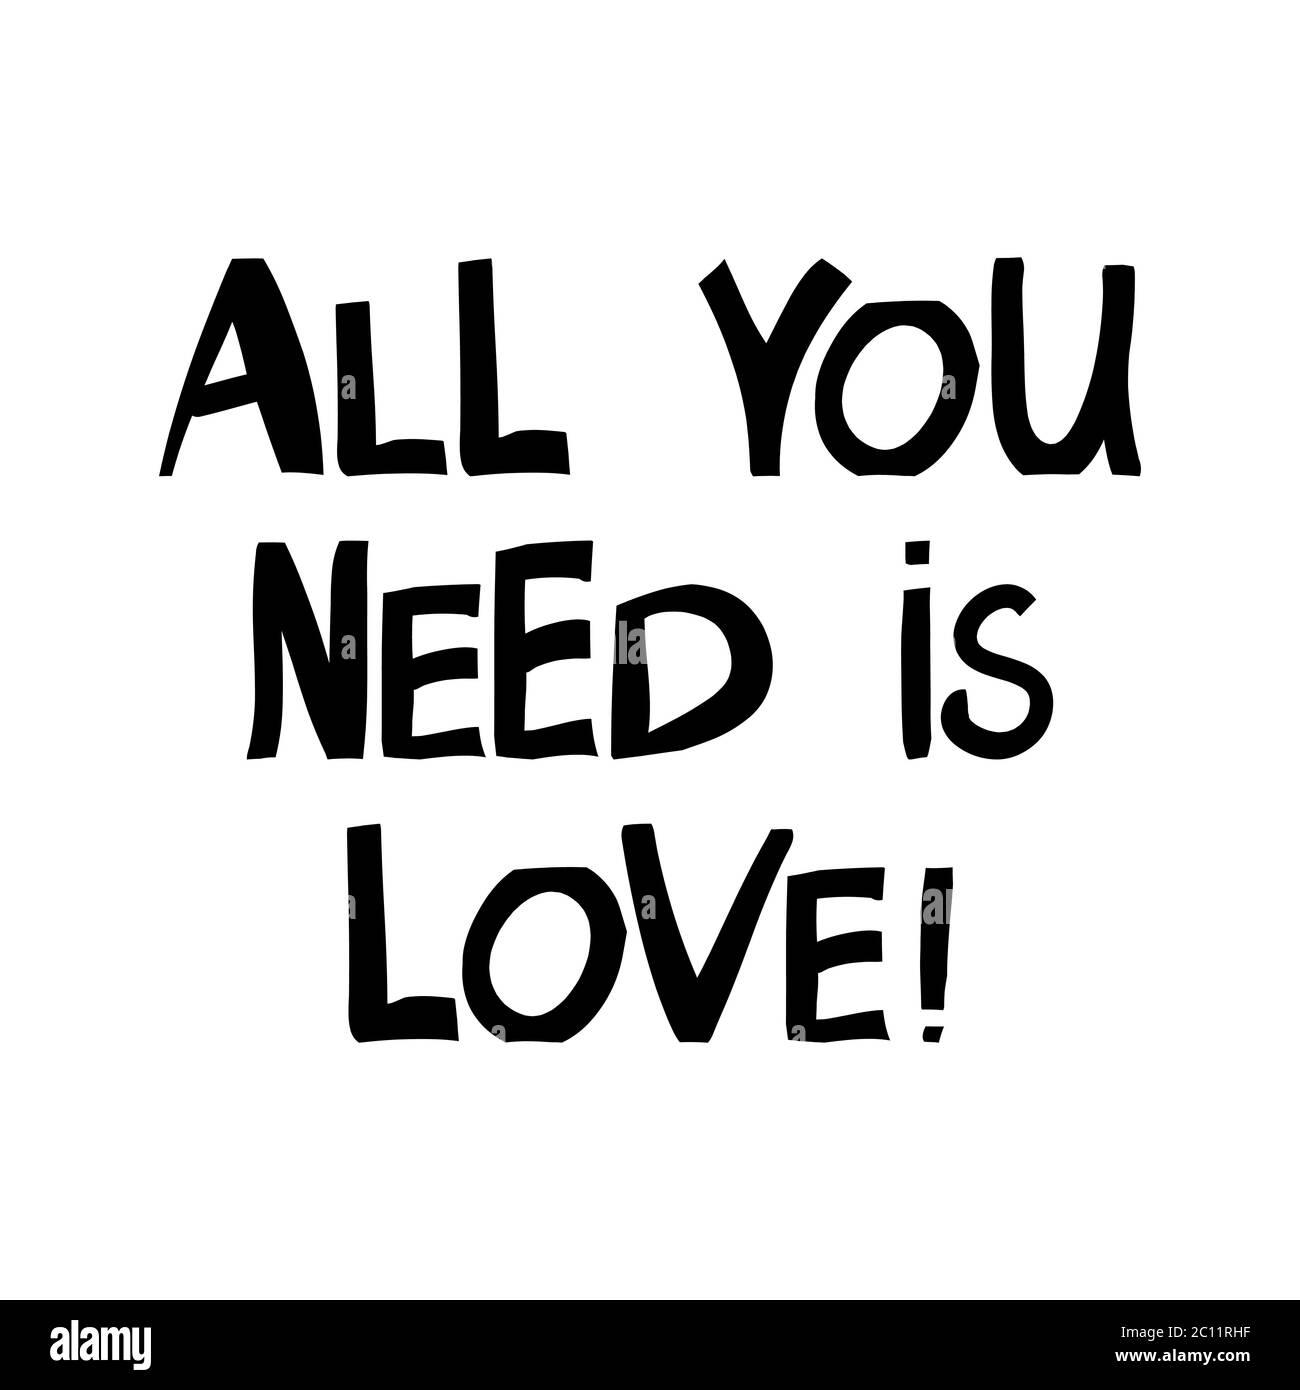 Tout ce dont vous avez besoin est l'amour. Joli lettrage dessiné à la main dans un style scandinave moderne. Isolé sur fond blanc. Illustration de stock vectoriel. Illustration de Vecteur